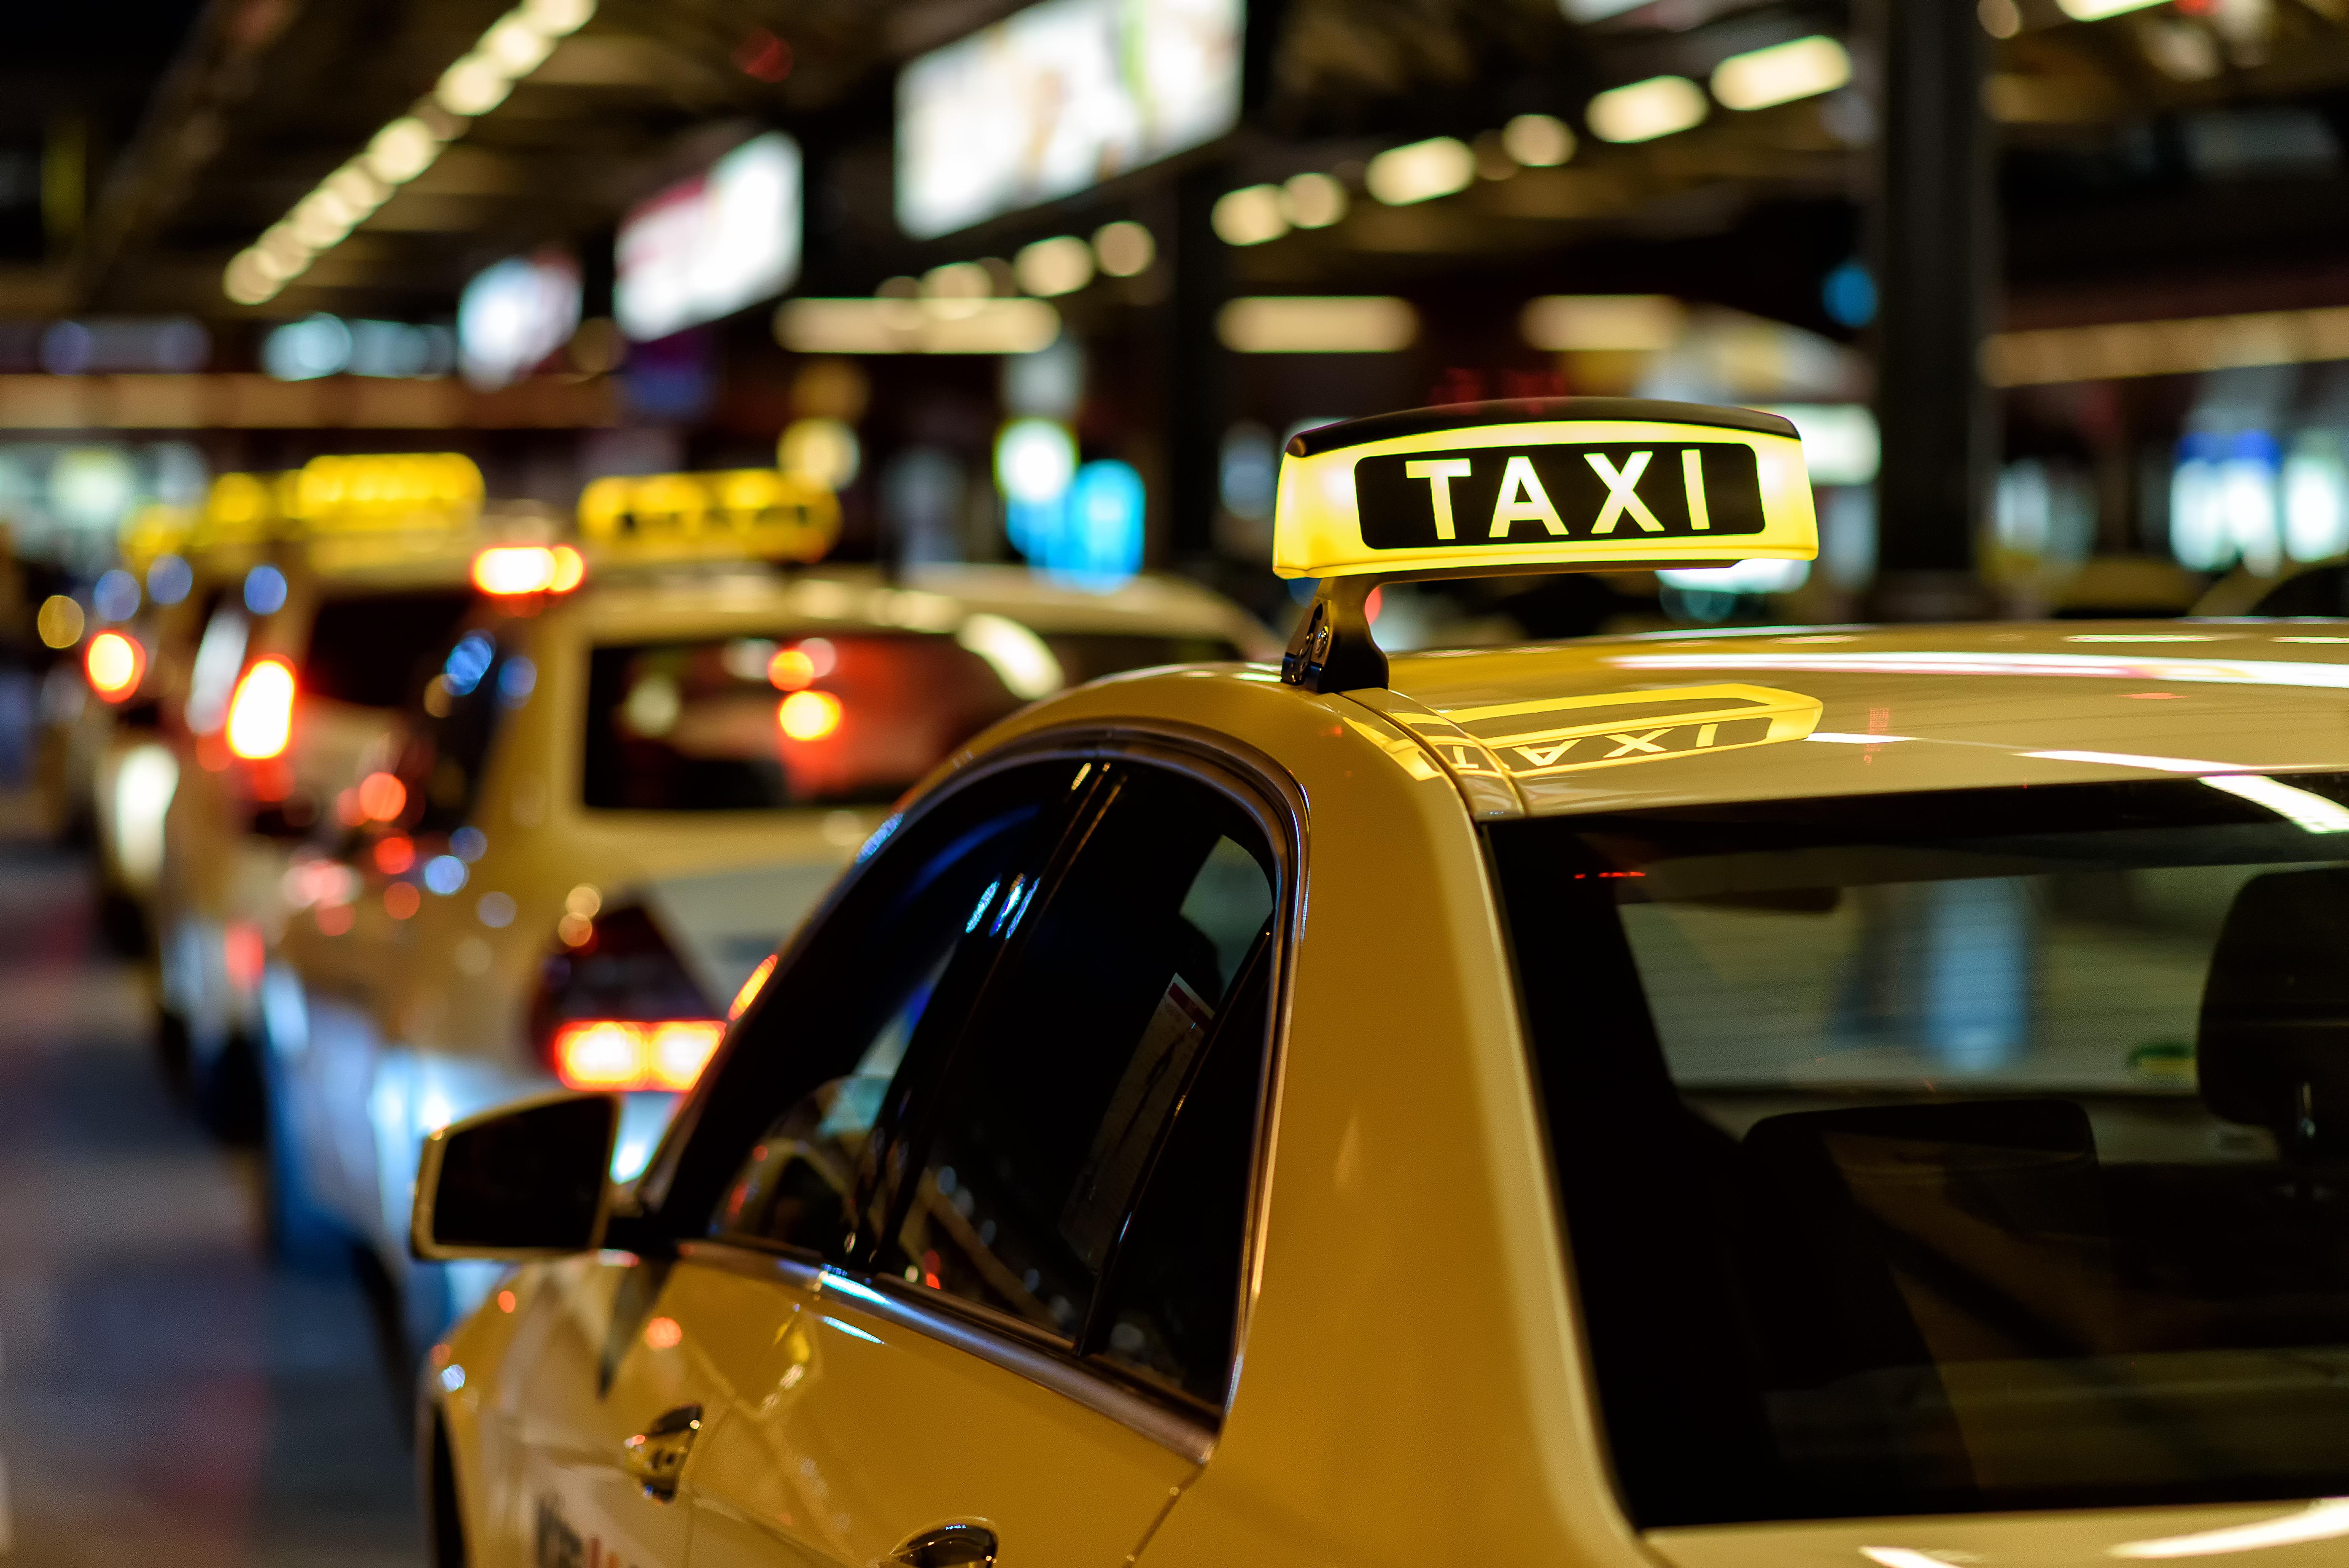 並ばない!待たない!オトクに乗れる!タクシーアプリ3選